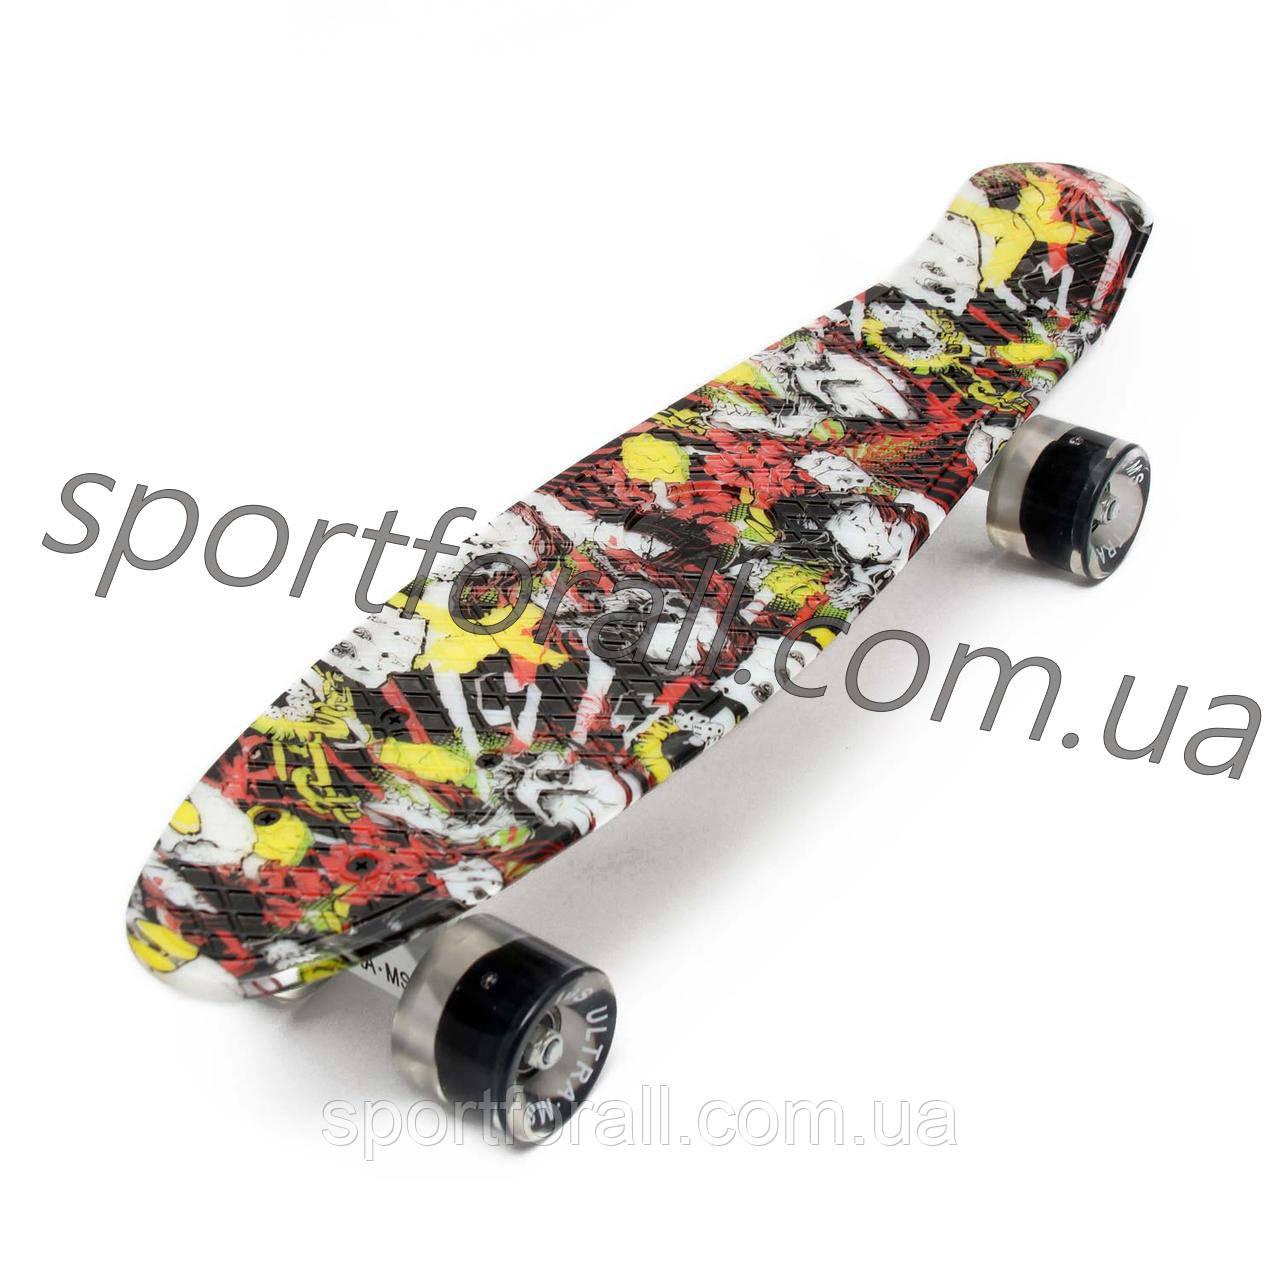 Пенниборд (скейтборд) LUSKY